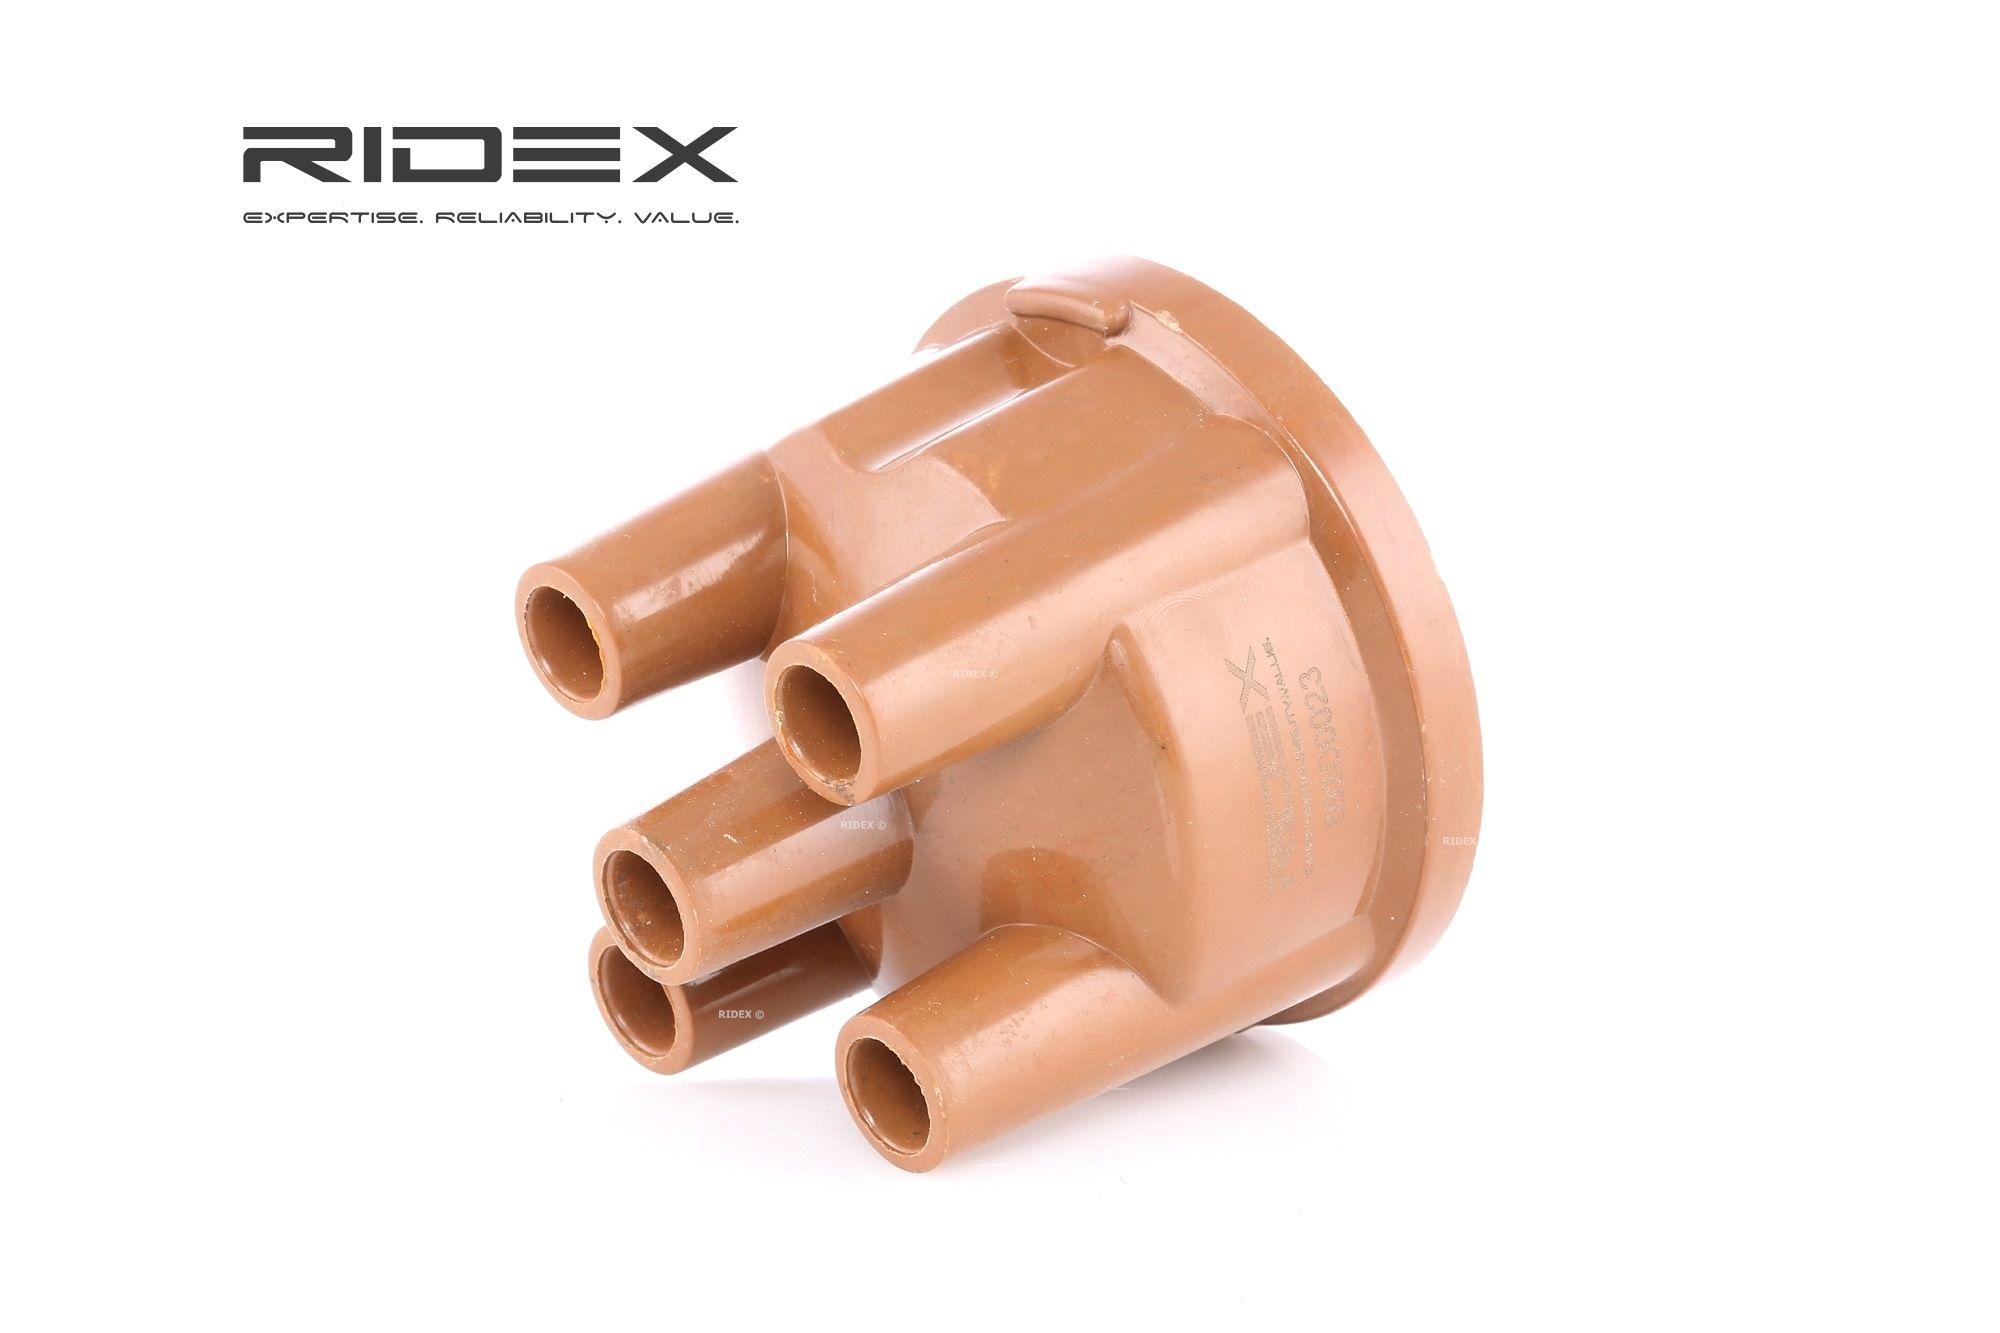 Achetez Système d'allumage RIDEX 692D0023 (Polyester) à un rapport qualité-prix exceptionnel